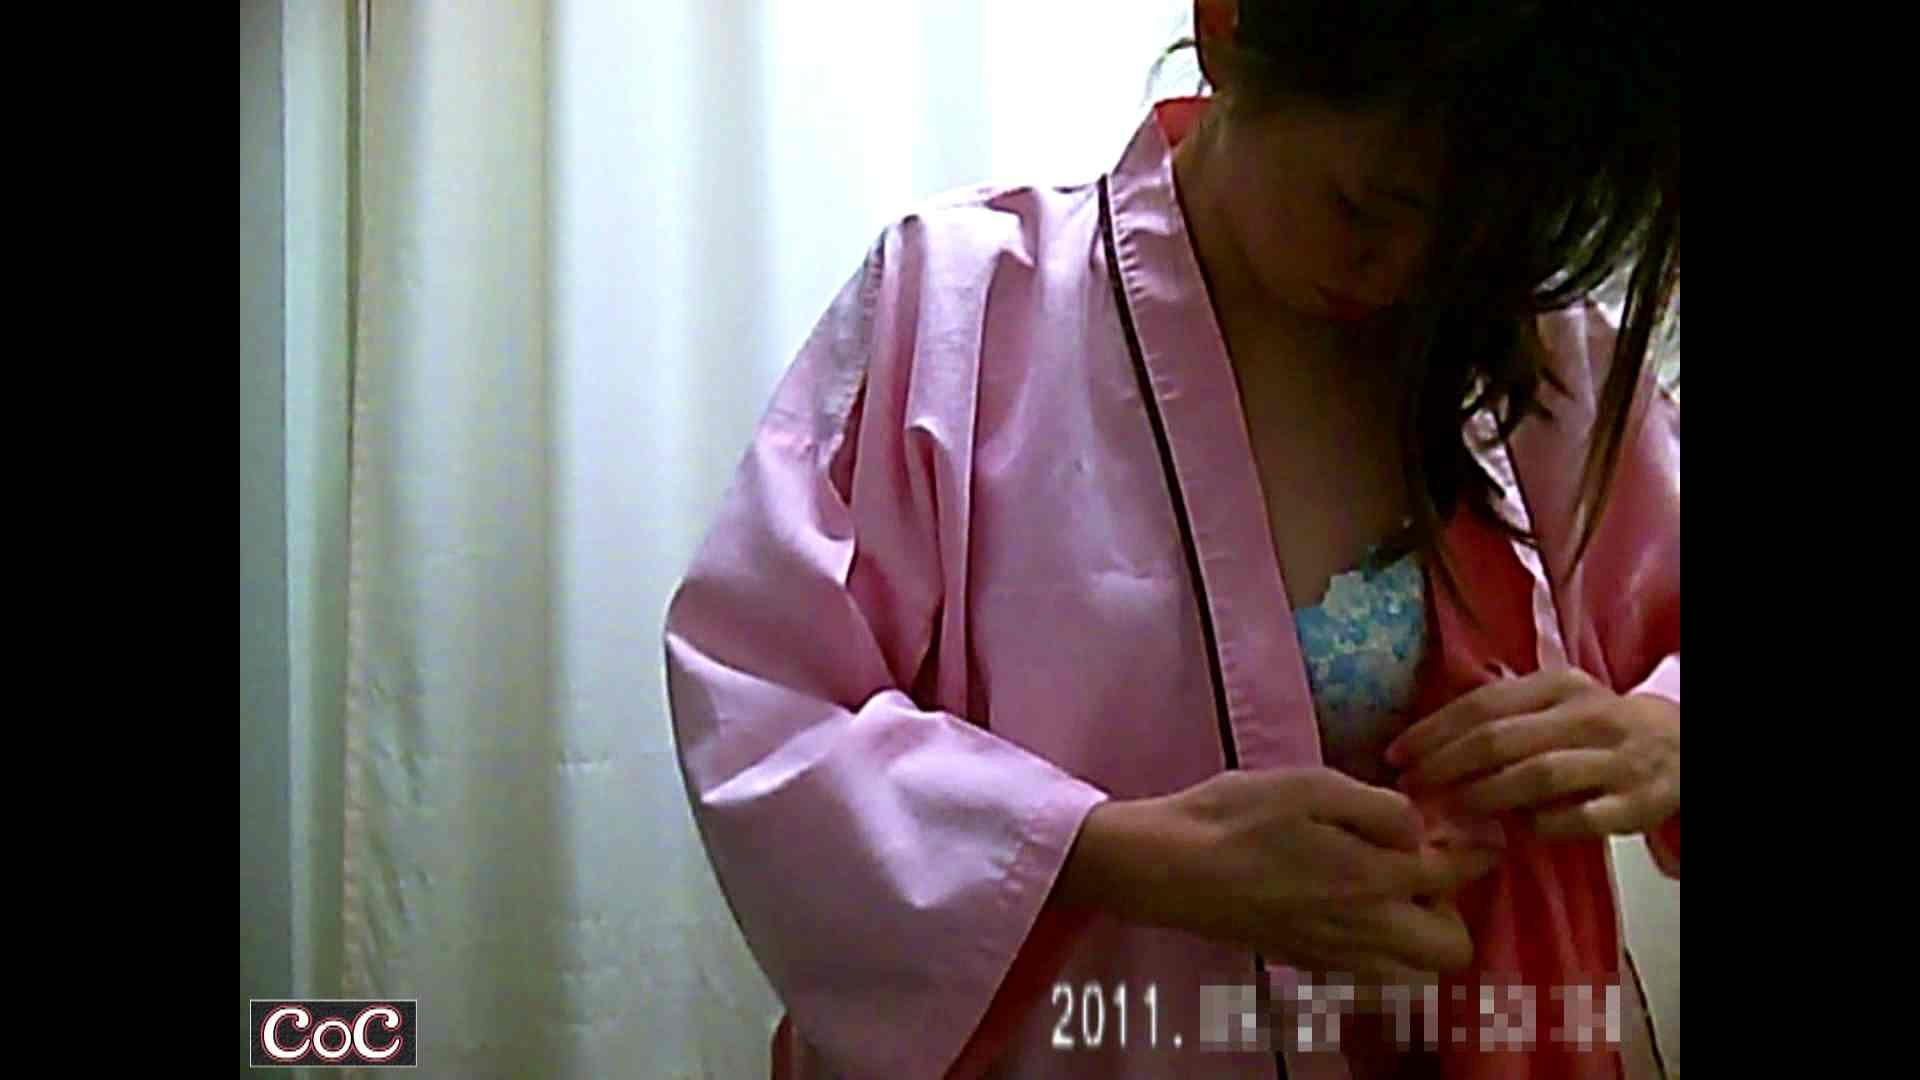 無修正エロ動画|元医者による反抗 更衣室地獄絵巻 vol.285|怪盗ジョーカー